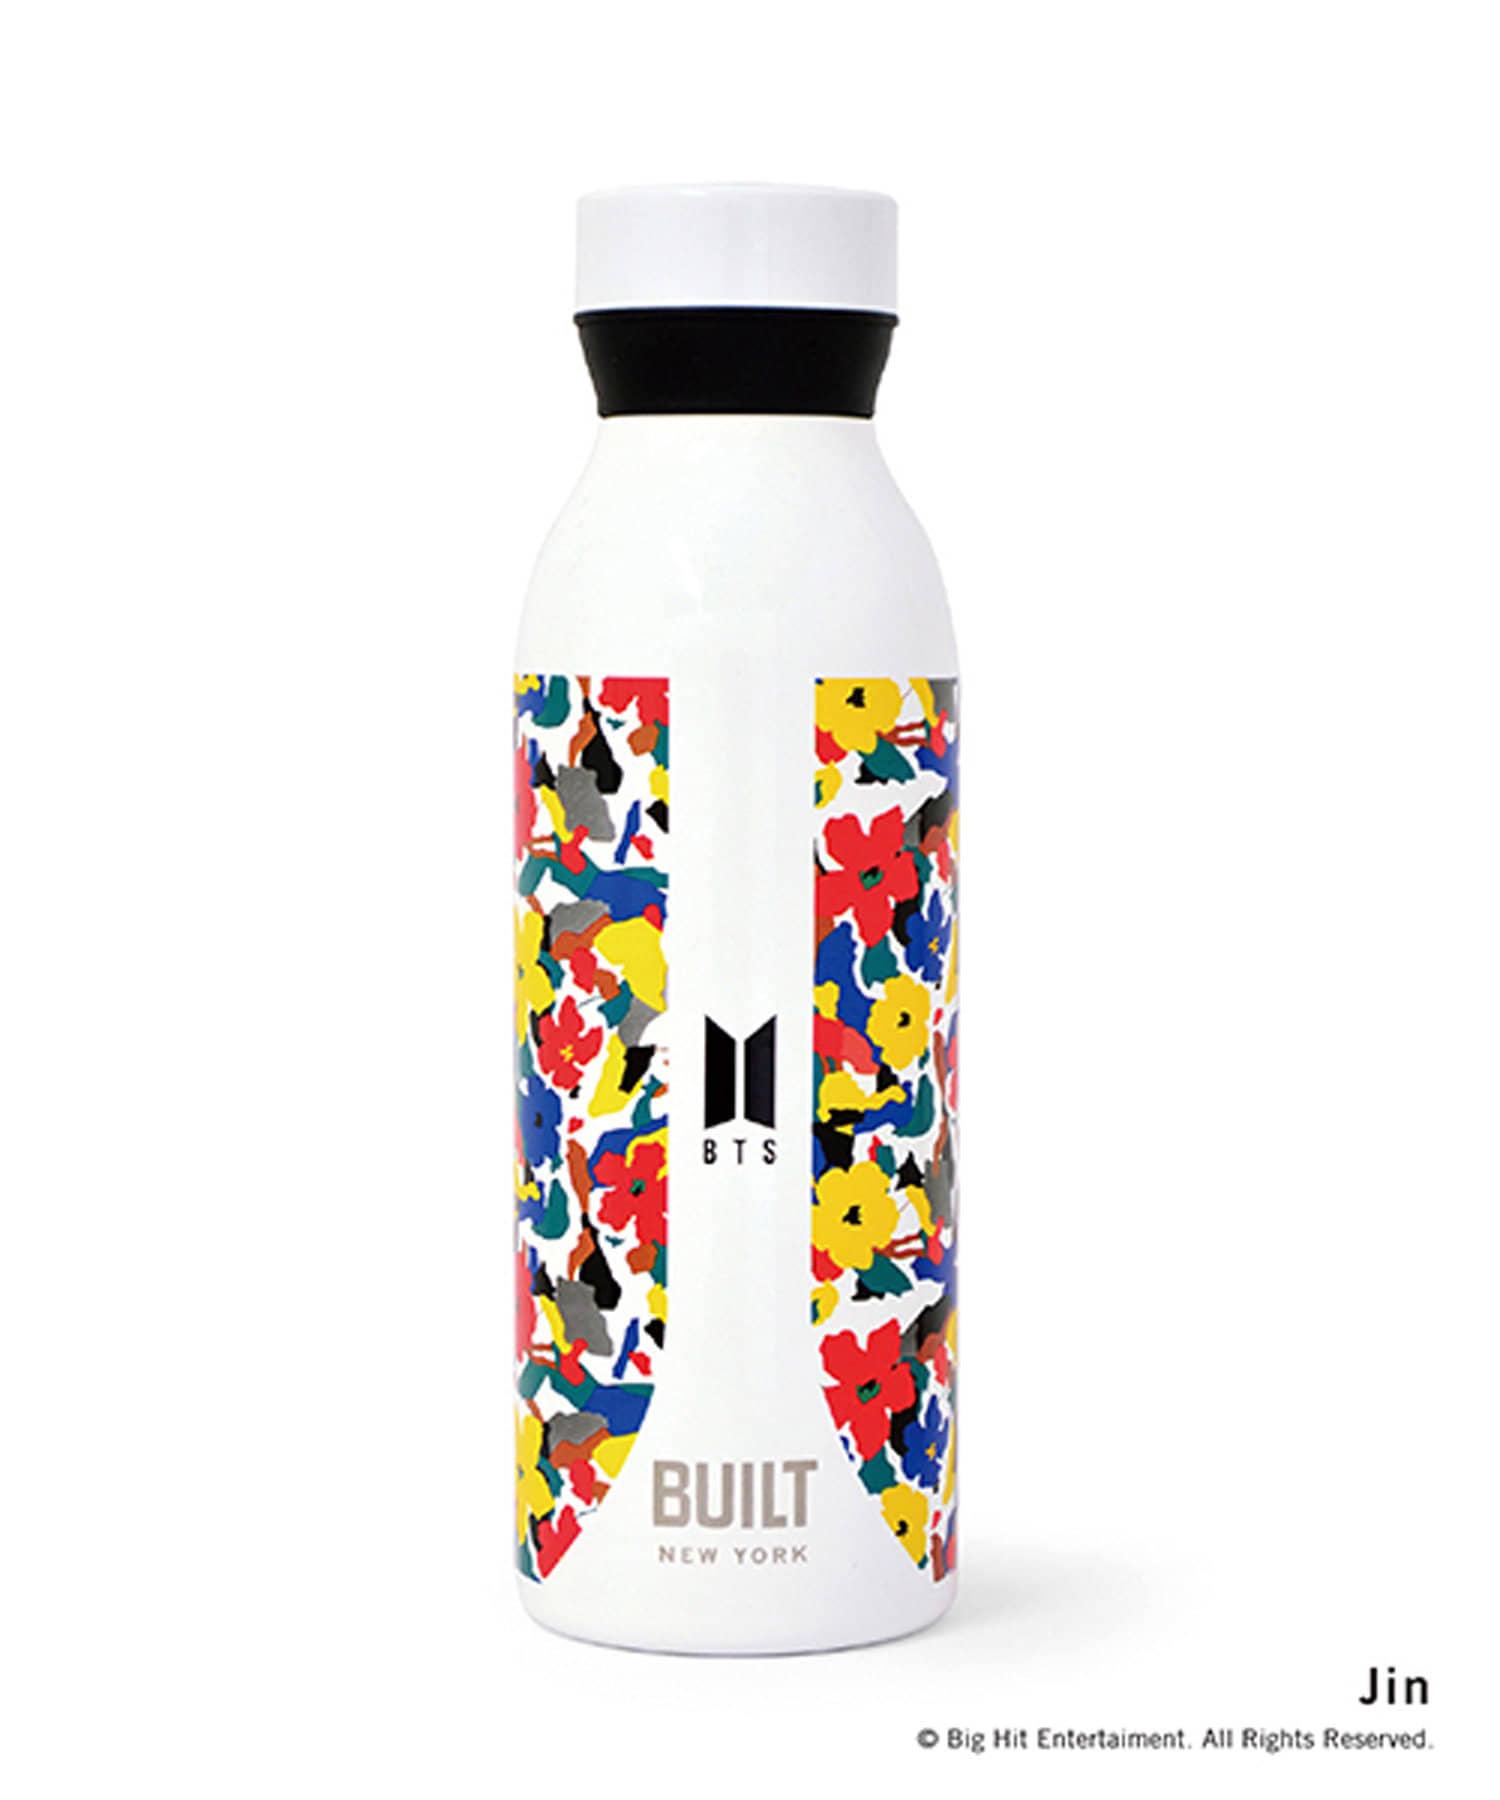 CIAOPANIC TYPY(チャオパニックティピー) ライフスタイル 【BTS×BUILT】 ボトル (Jin) 532ml【パルクロ限定】 カラーなし